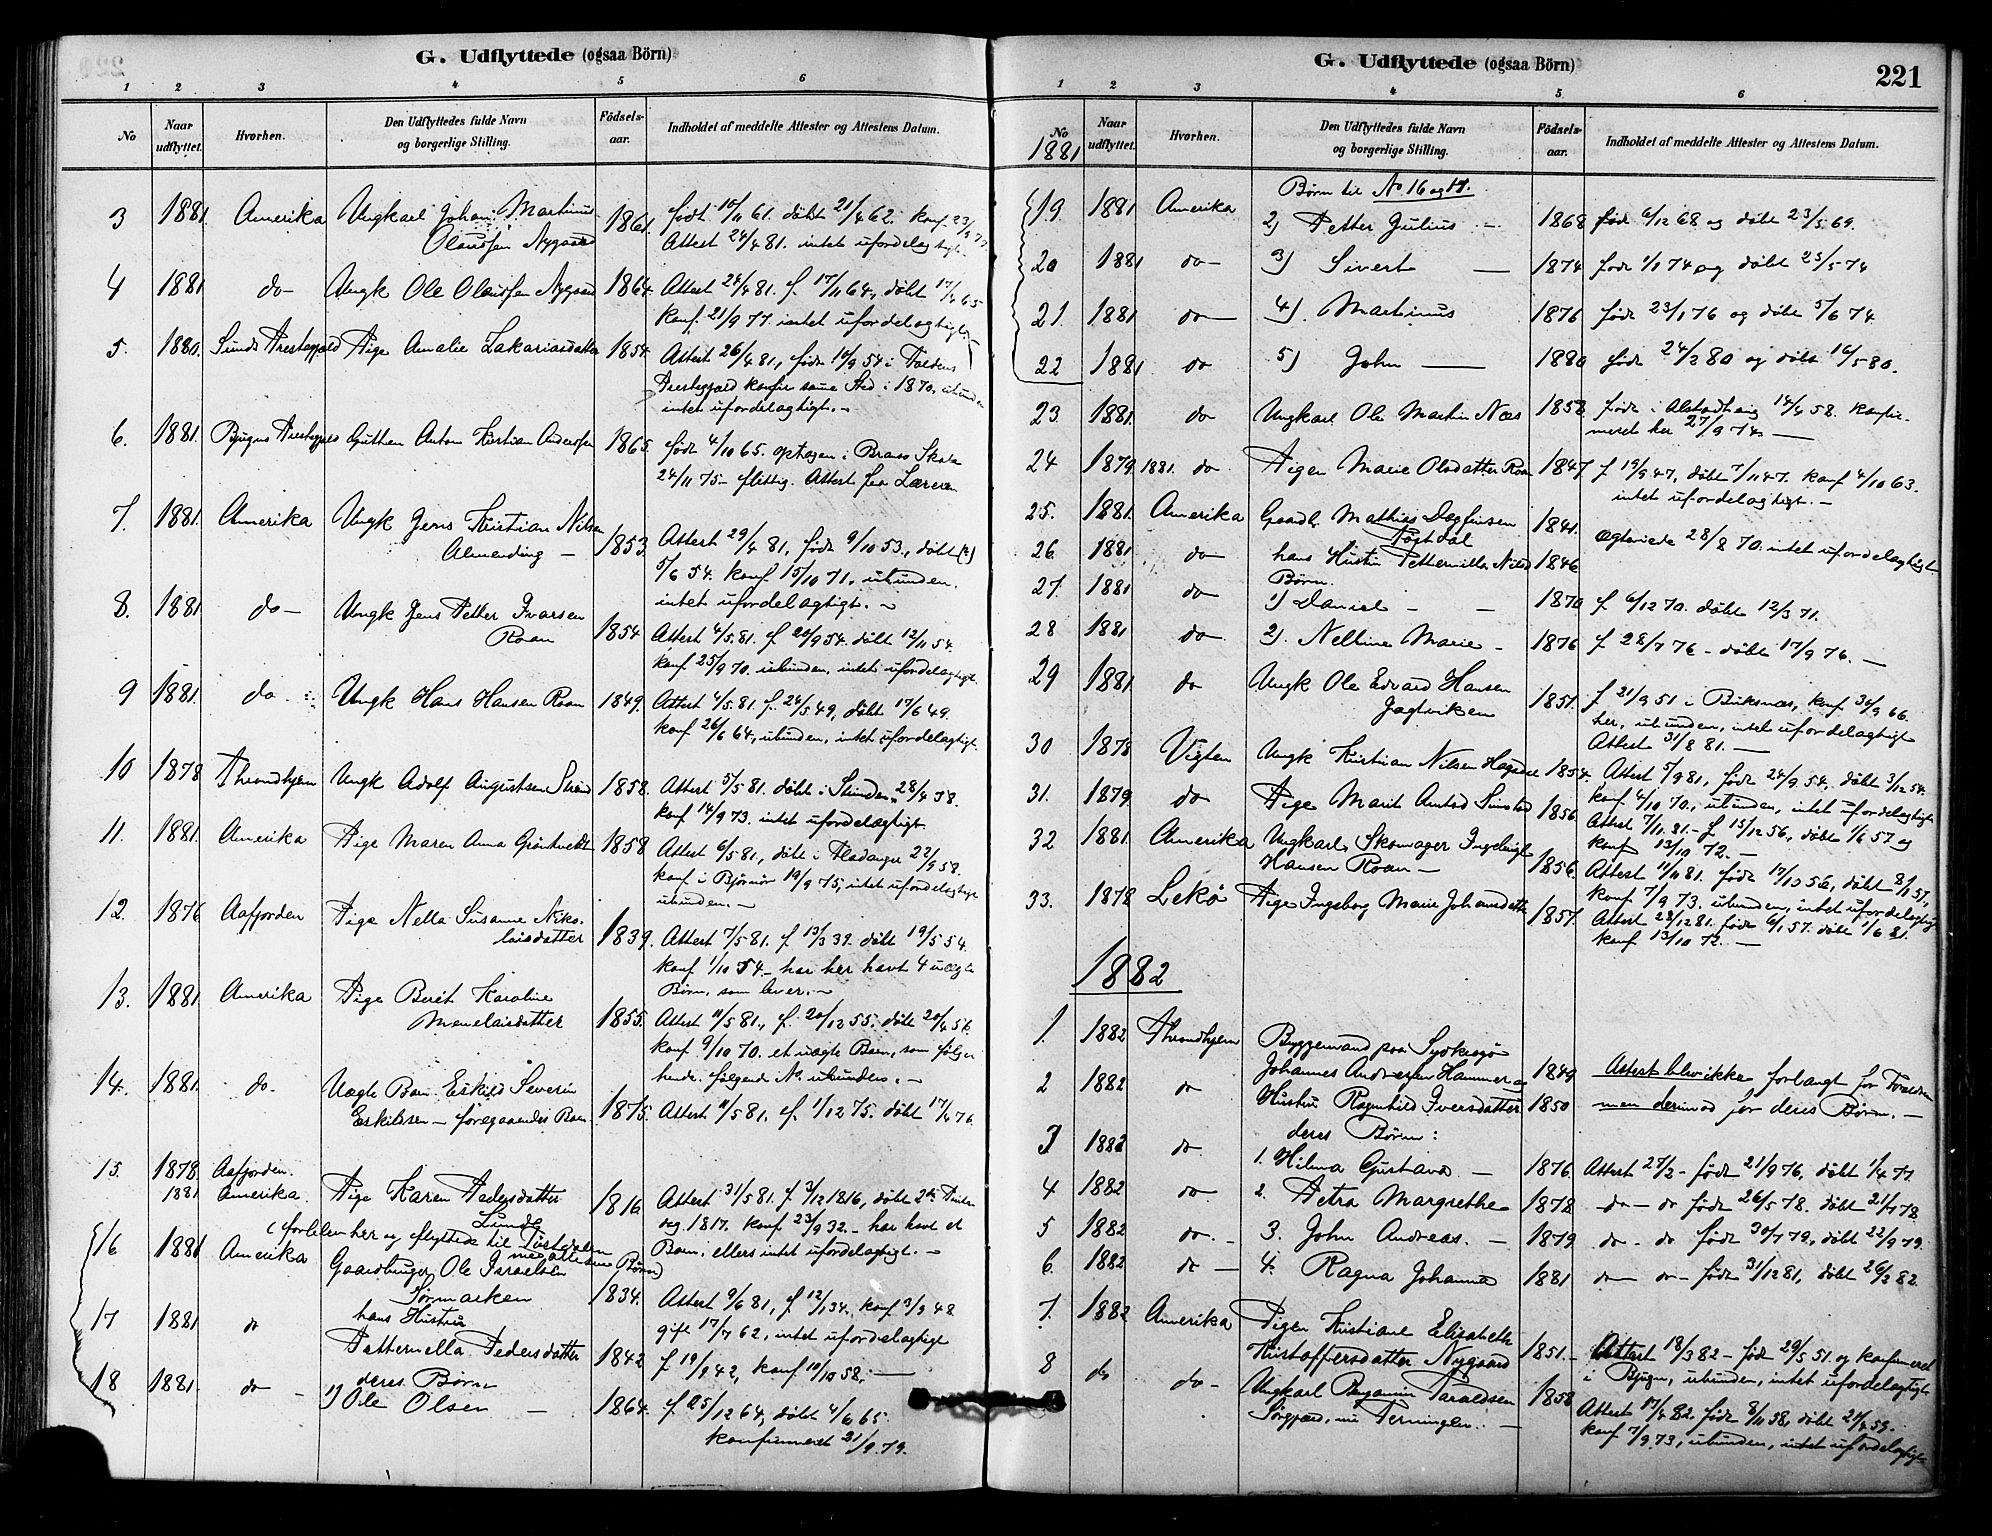 SAT, Ministerialprotokoller, klokkerbøker og fødselsregistre - Sør-Trøndelag, 657/L0707: Ministerialbok nr. 657A08, 1879-1893, s. 221